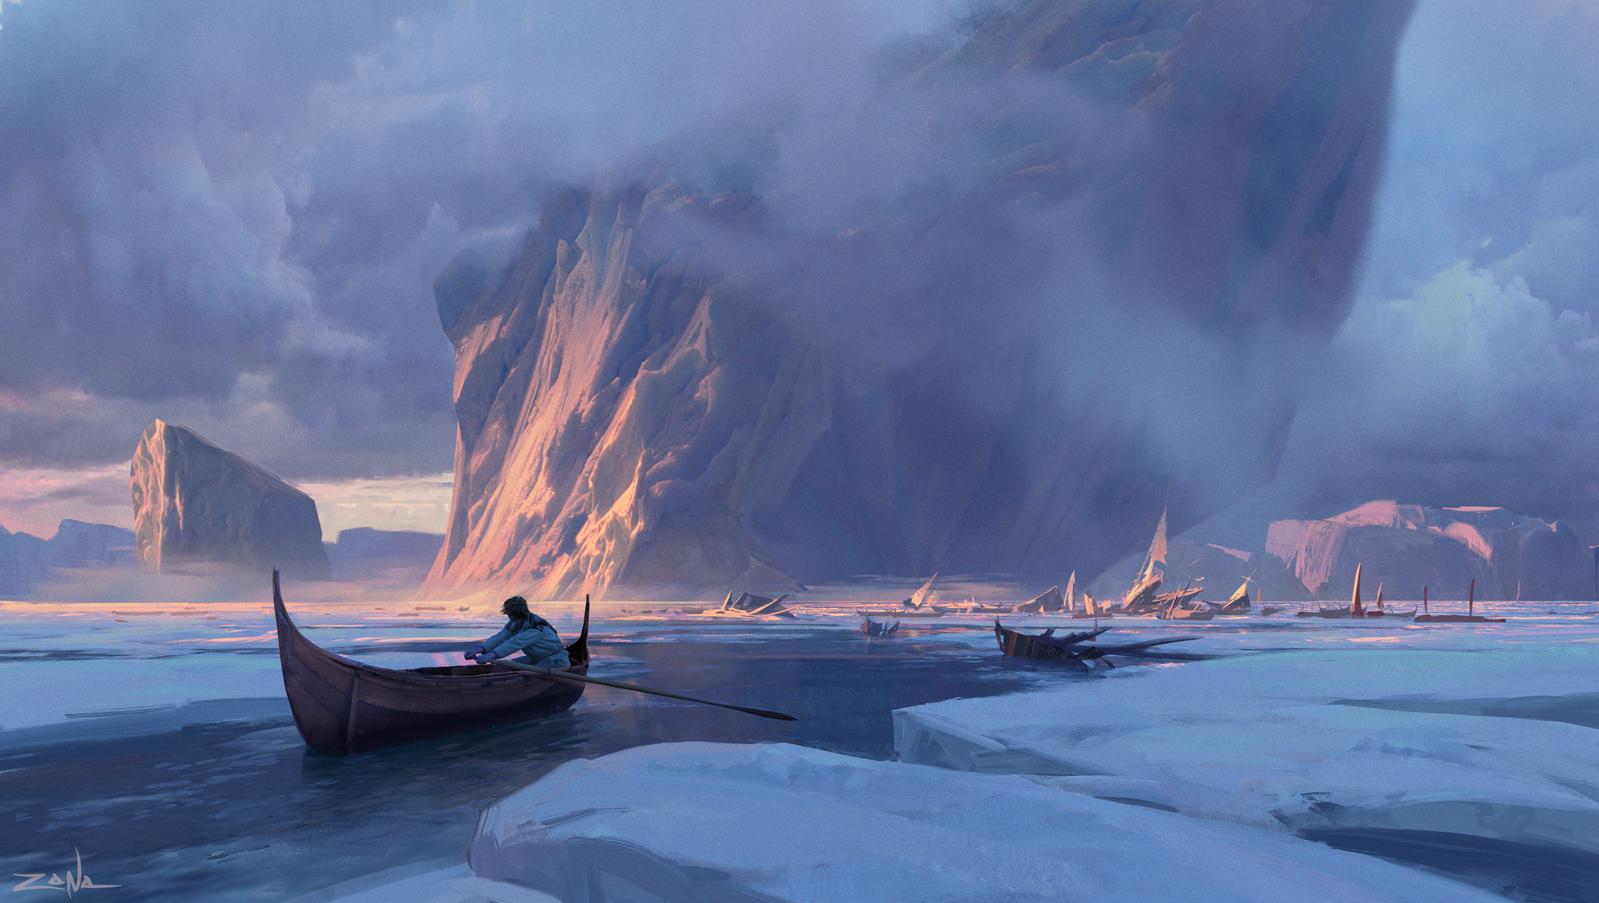 1452-beyond-the-glacier-eytan-zana